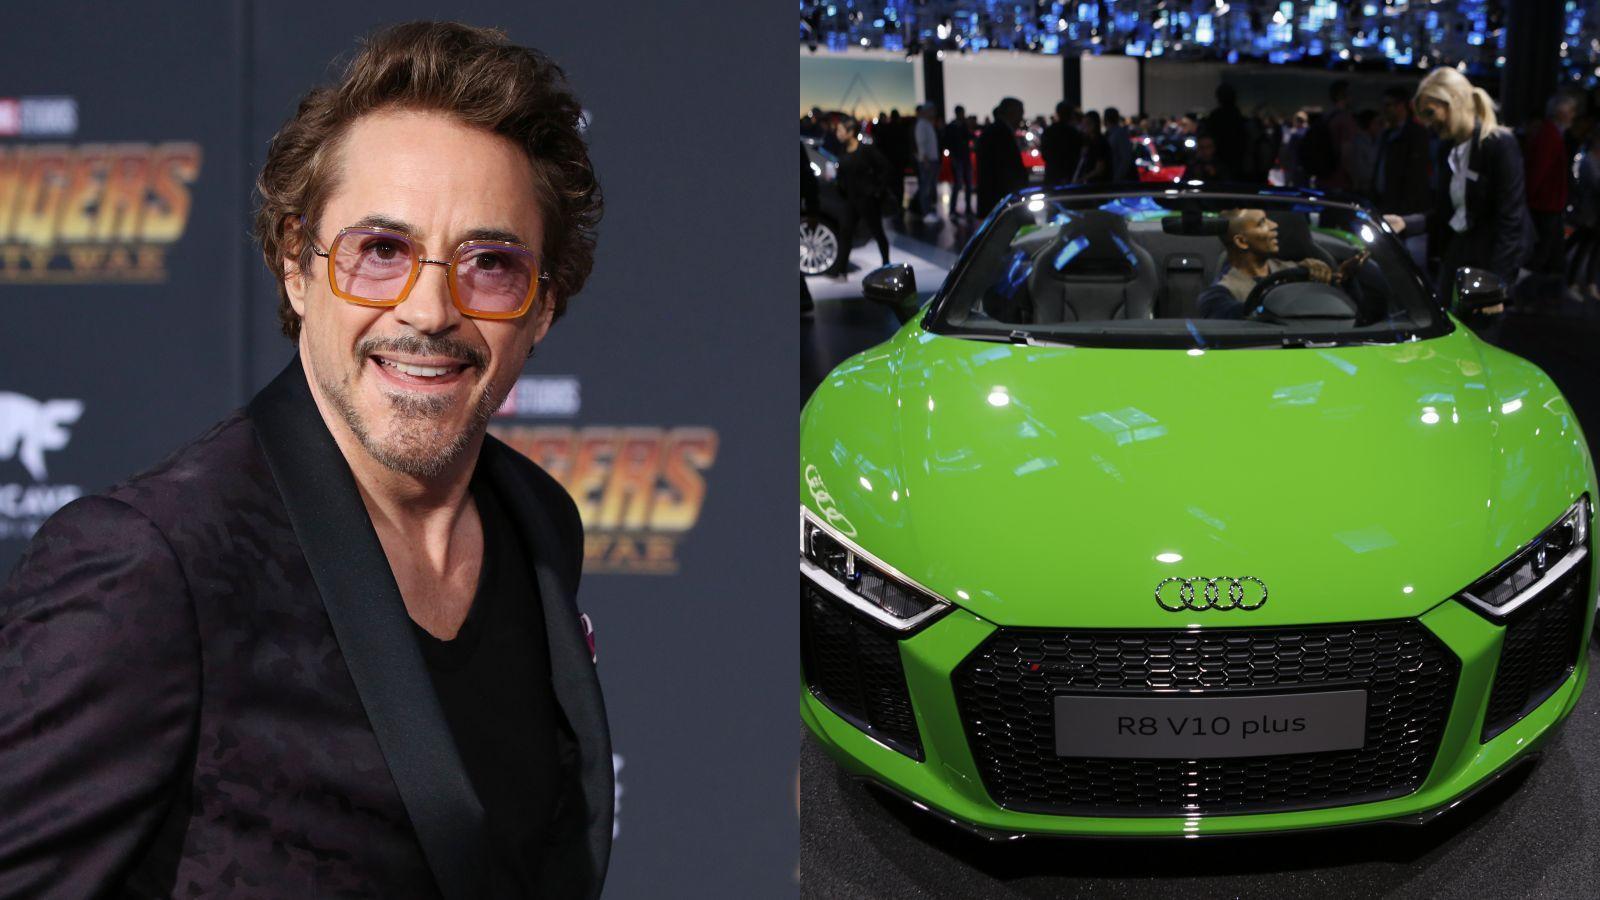 Robert Downey Jr.-nak elég meggyőző autógyűjteménye van, egyesek szerint az általa alakított Tony Starknál is irigylésre méltóbb. Az Audi a Marvel egyik partnere a Vasember 2008-as startja óta, és úgy tűnik, a színész megkedvelte a márkát. A cég egyébként nemrég adott ajándékba neki egy Audi R8 Spydert; a legújabb Pókember film, a Hazatérés premierjére is azzal ment. (Matt Baron/Shutterstock\ Michael Debets/Pacific Press via ZUMA)